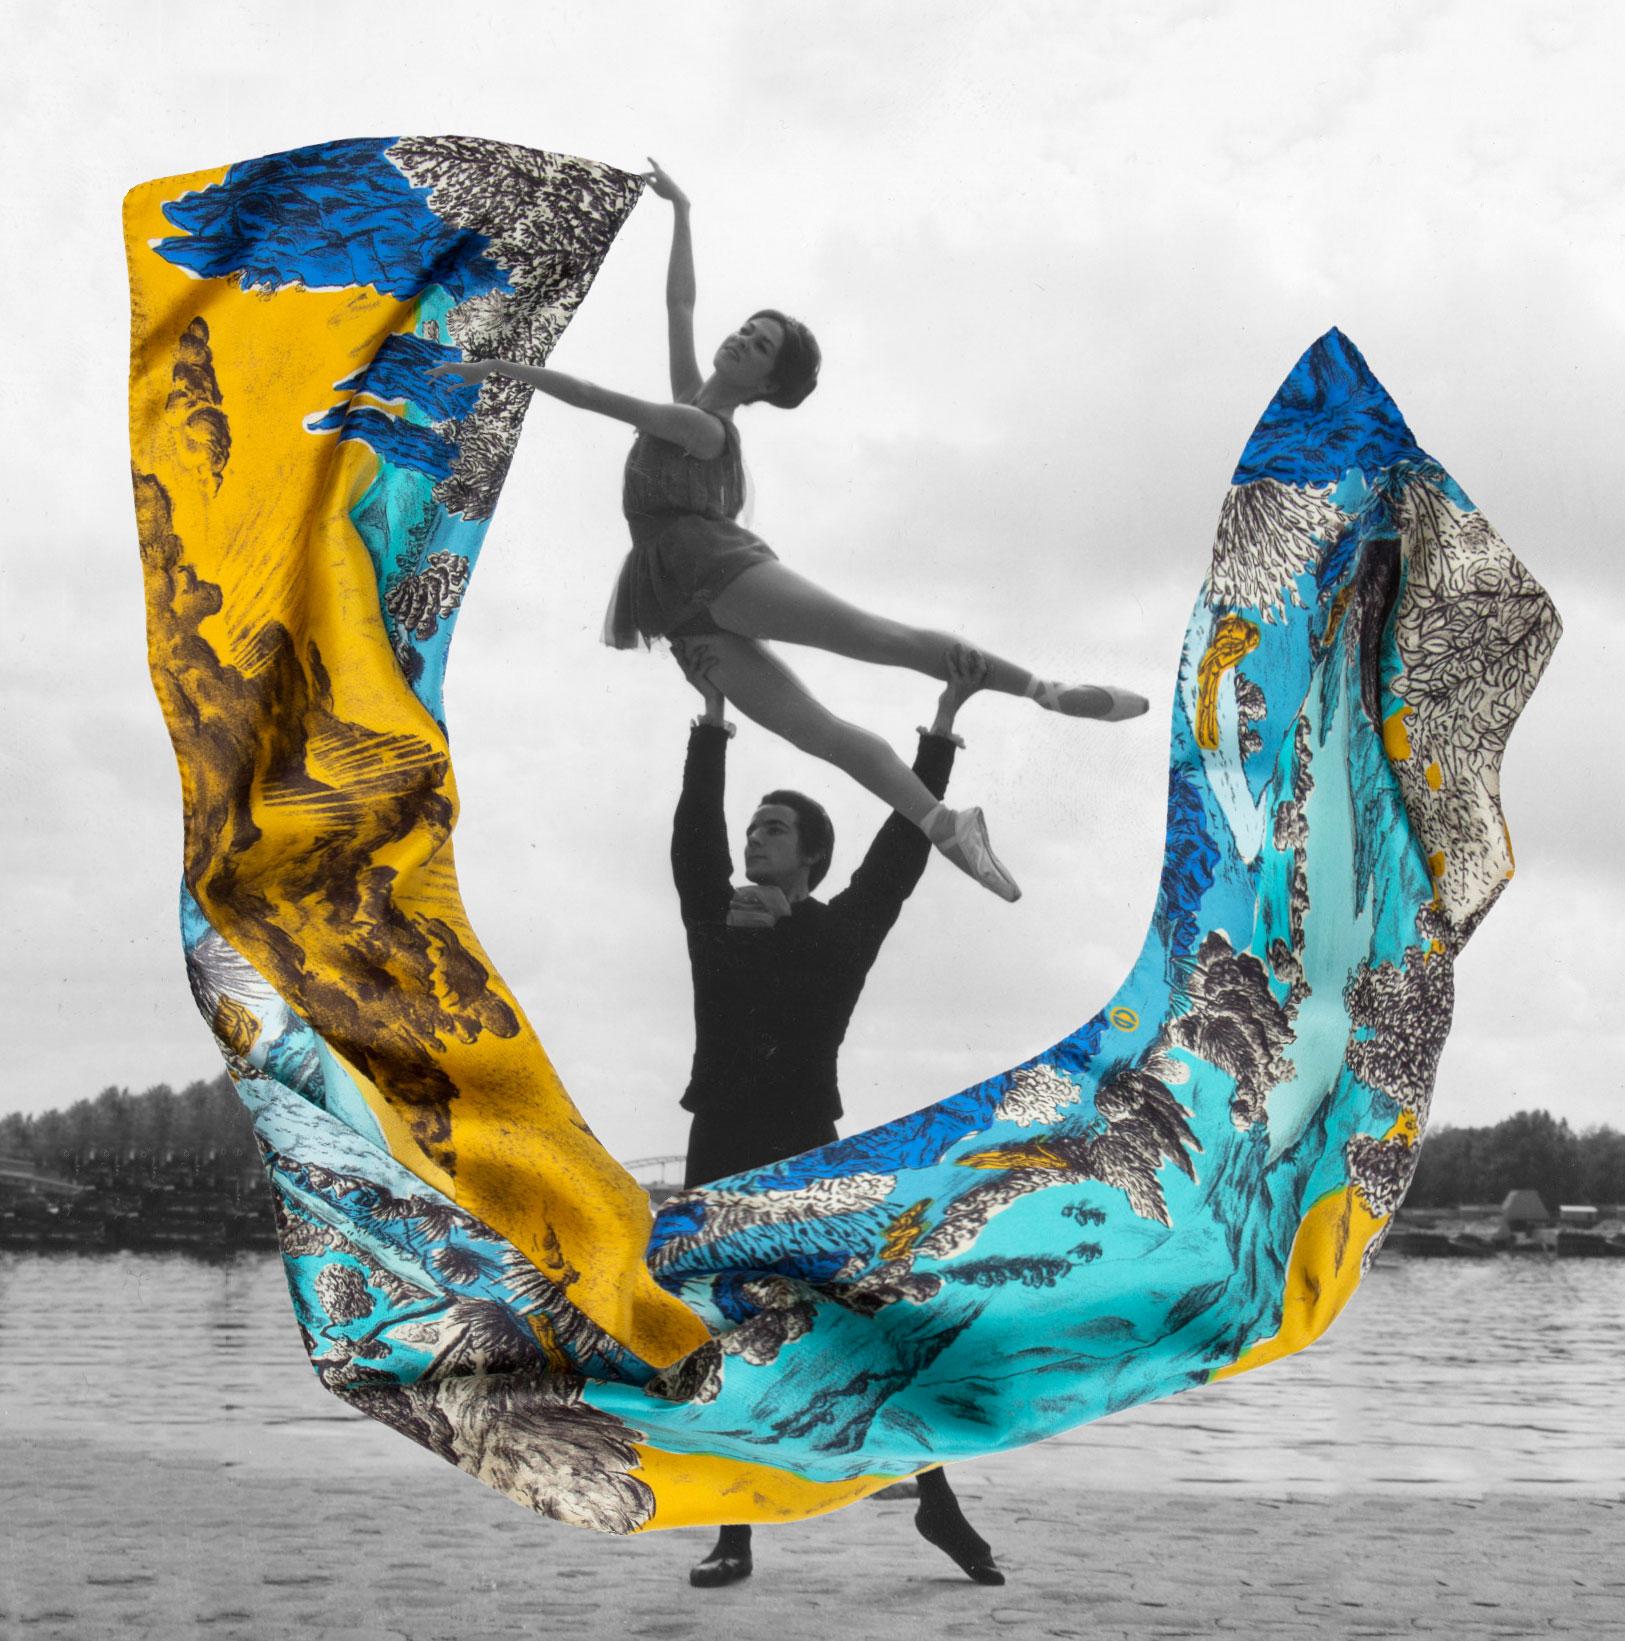 Photographie noir et blanc d'un couple de danseur jouant avec un grand foulard jaune et bleu - photomontage